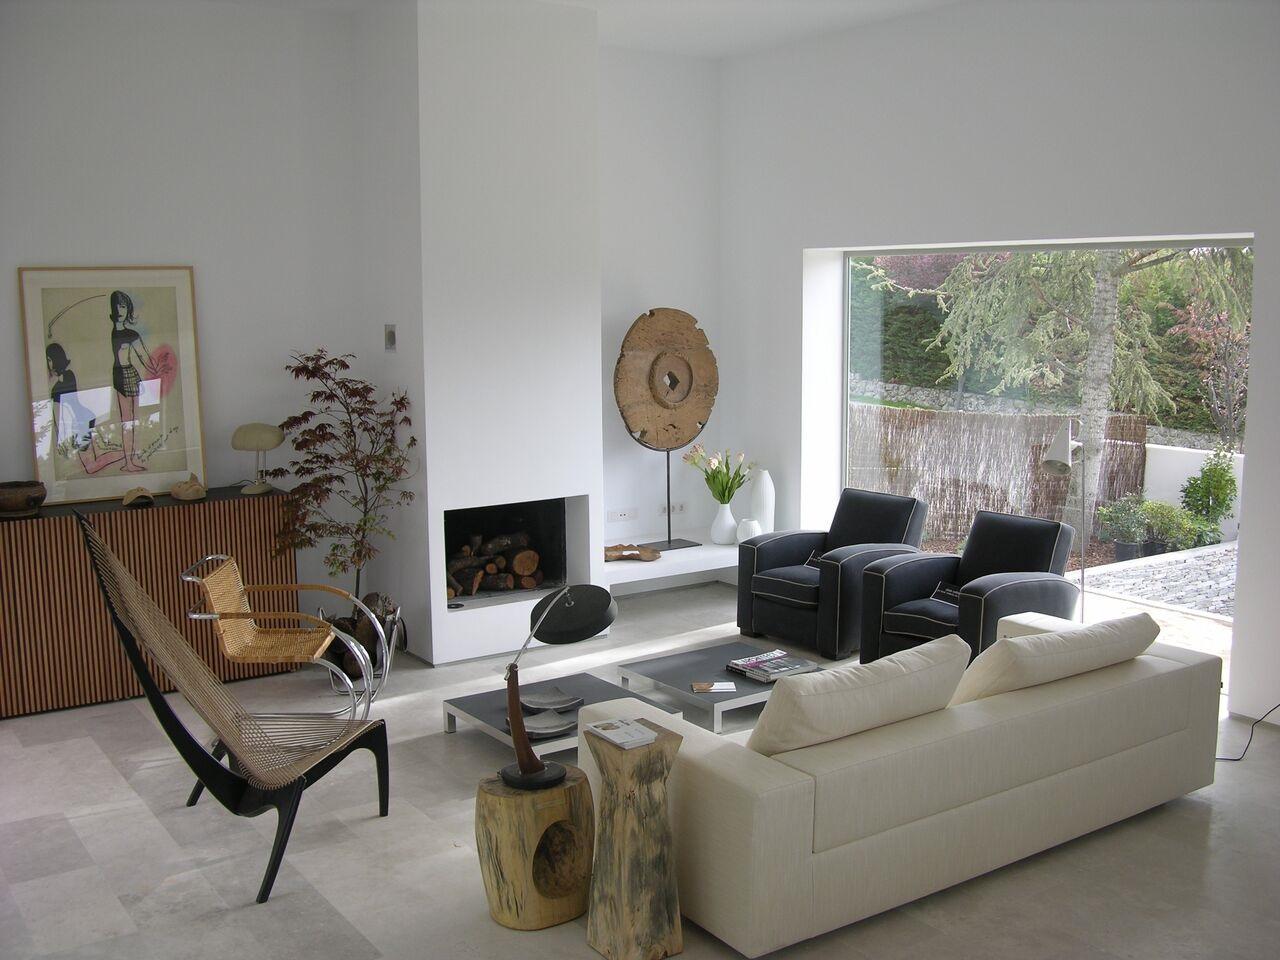 Tipos de decoraci n de interiores blog de muebles y - Blog decoracion interiores ...